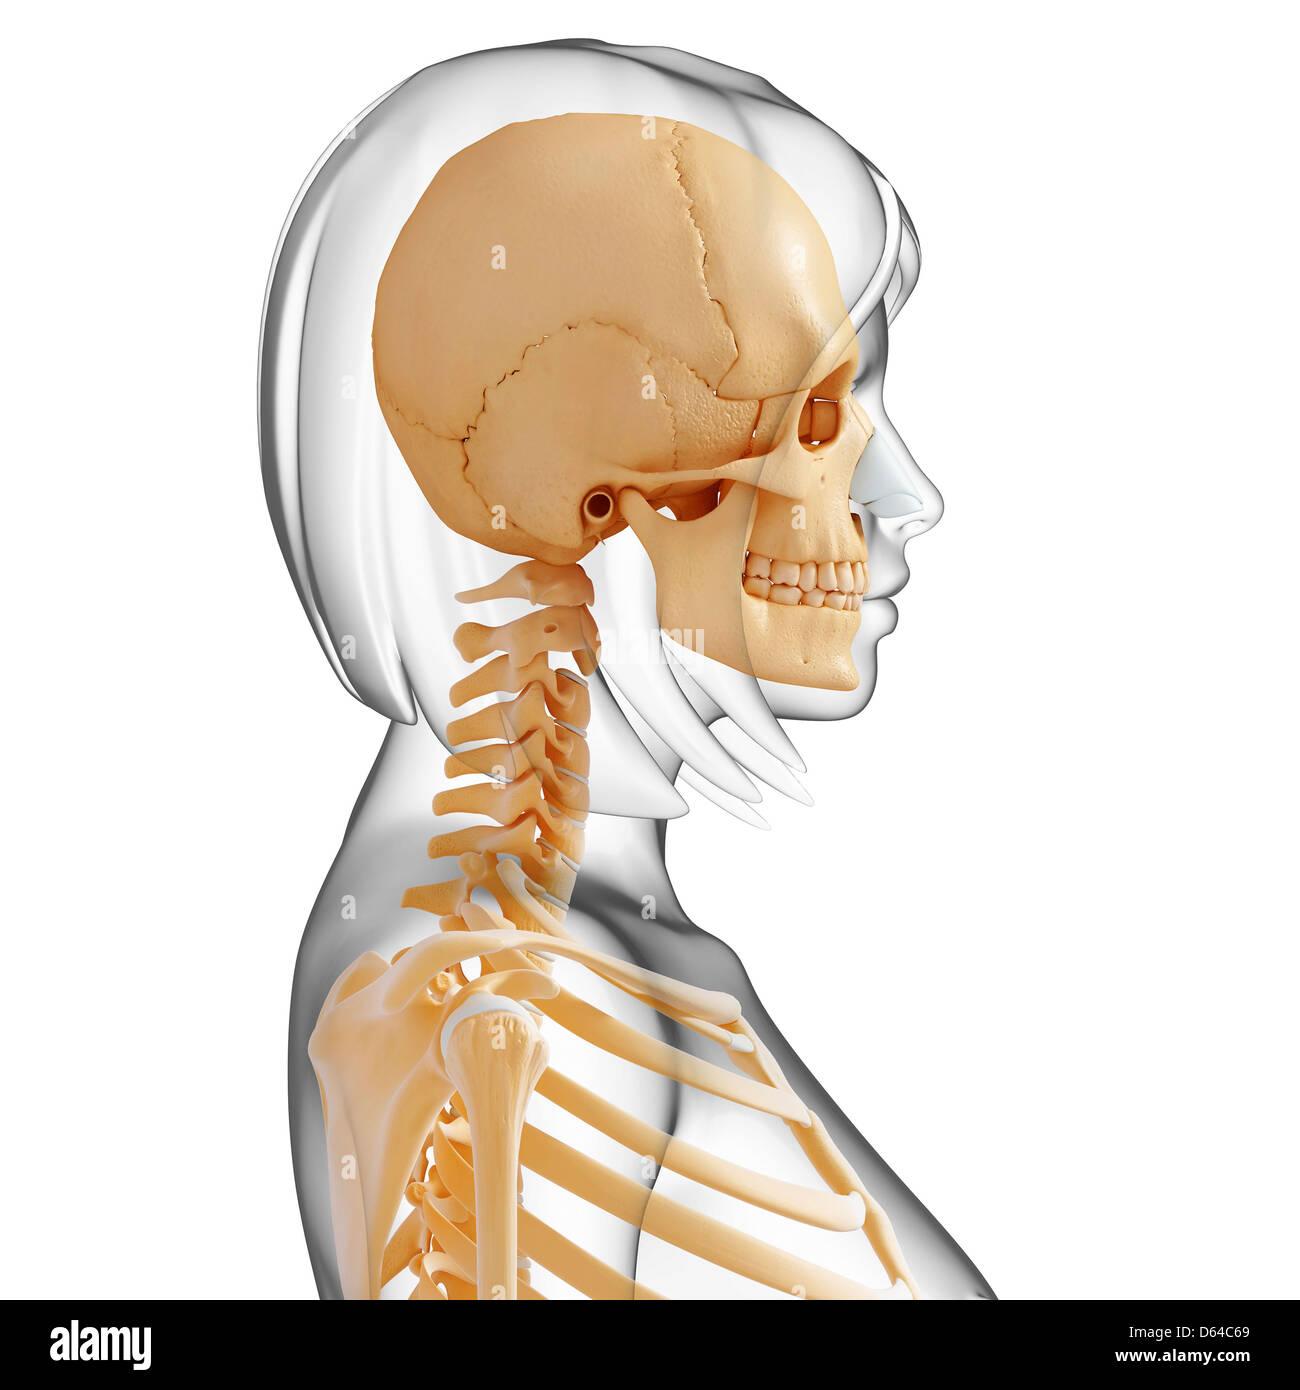 Jawbone Skeleton Teeth Stock Photos Jawbone Skeleton Teeth Stock